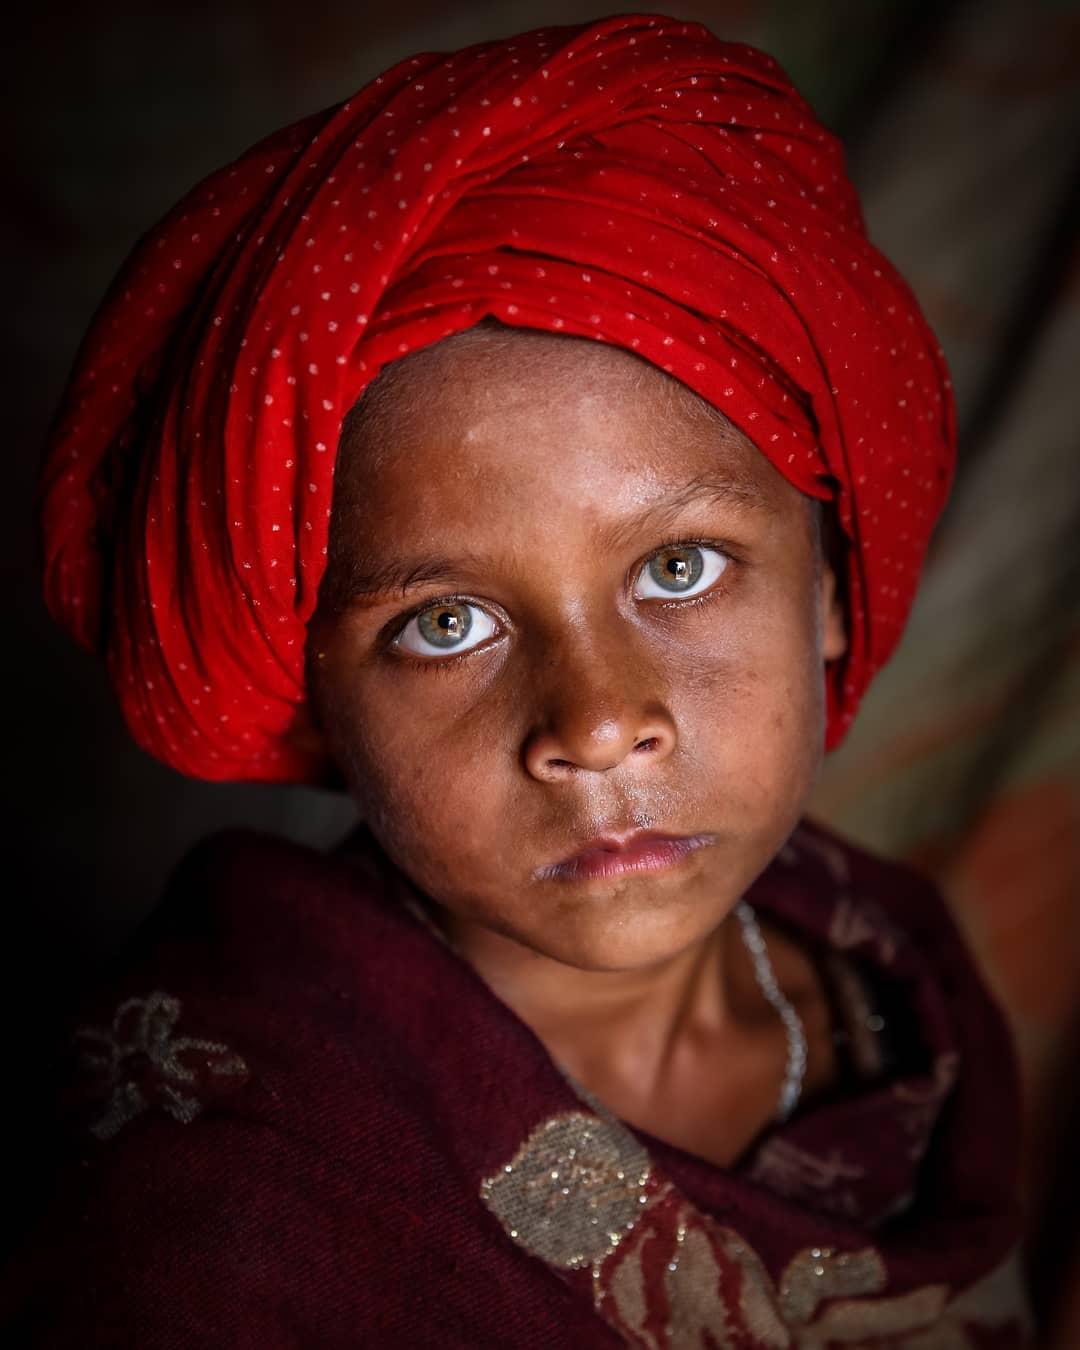 Выразительные портреты детей от Моу Айши